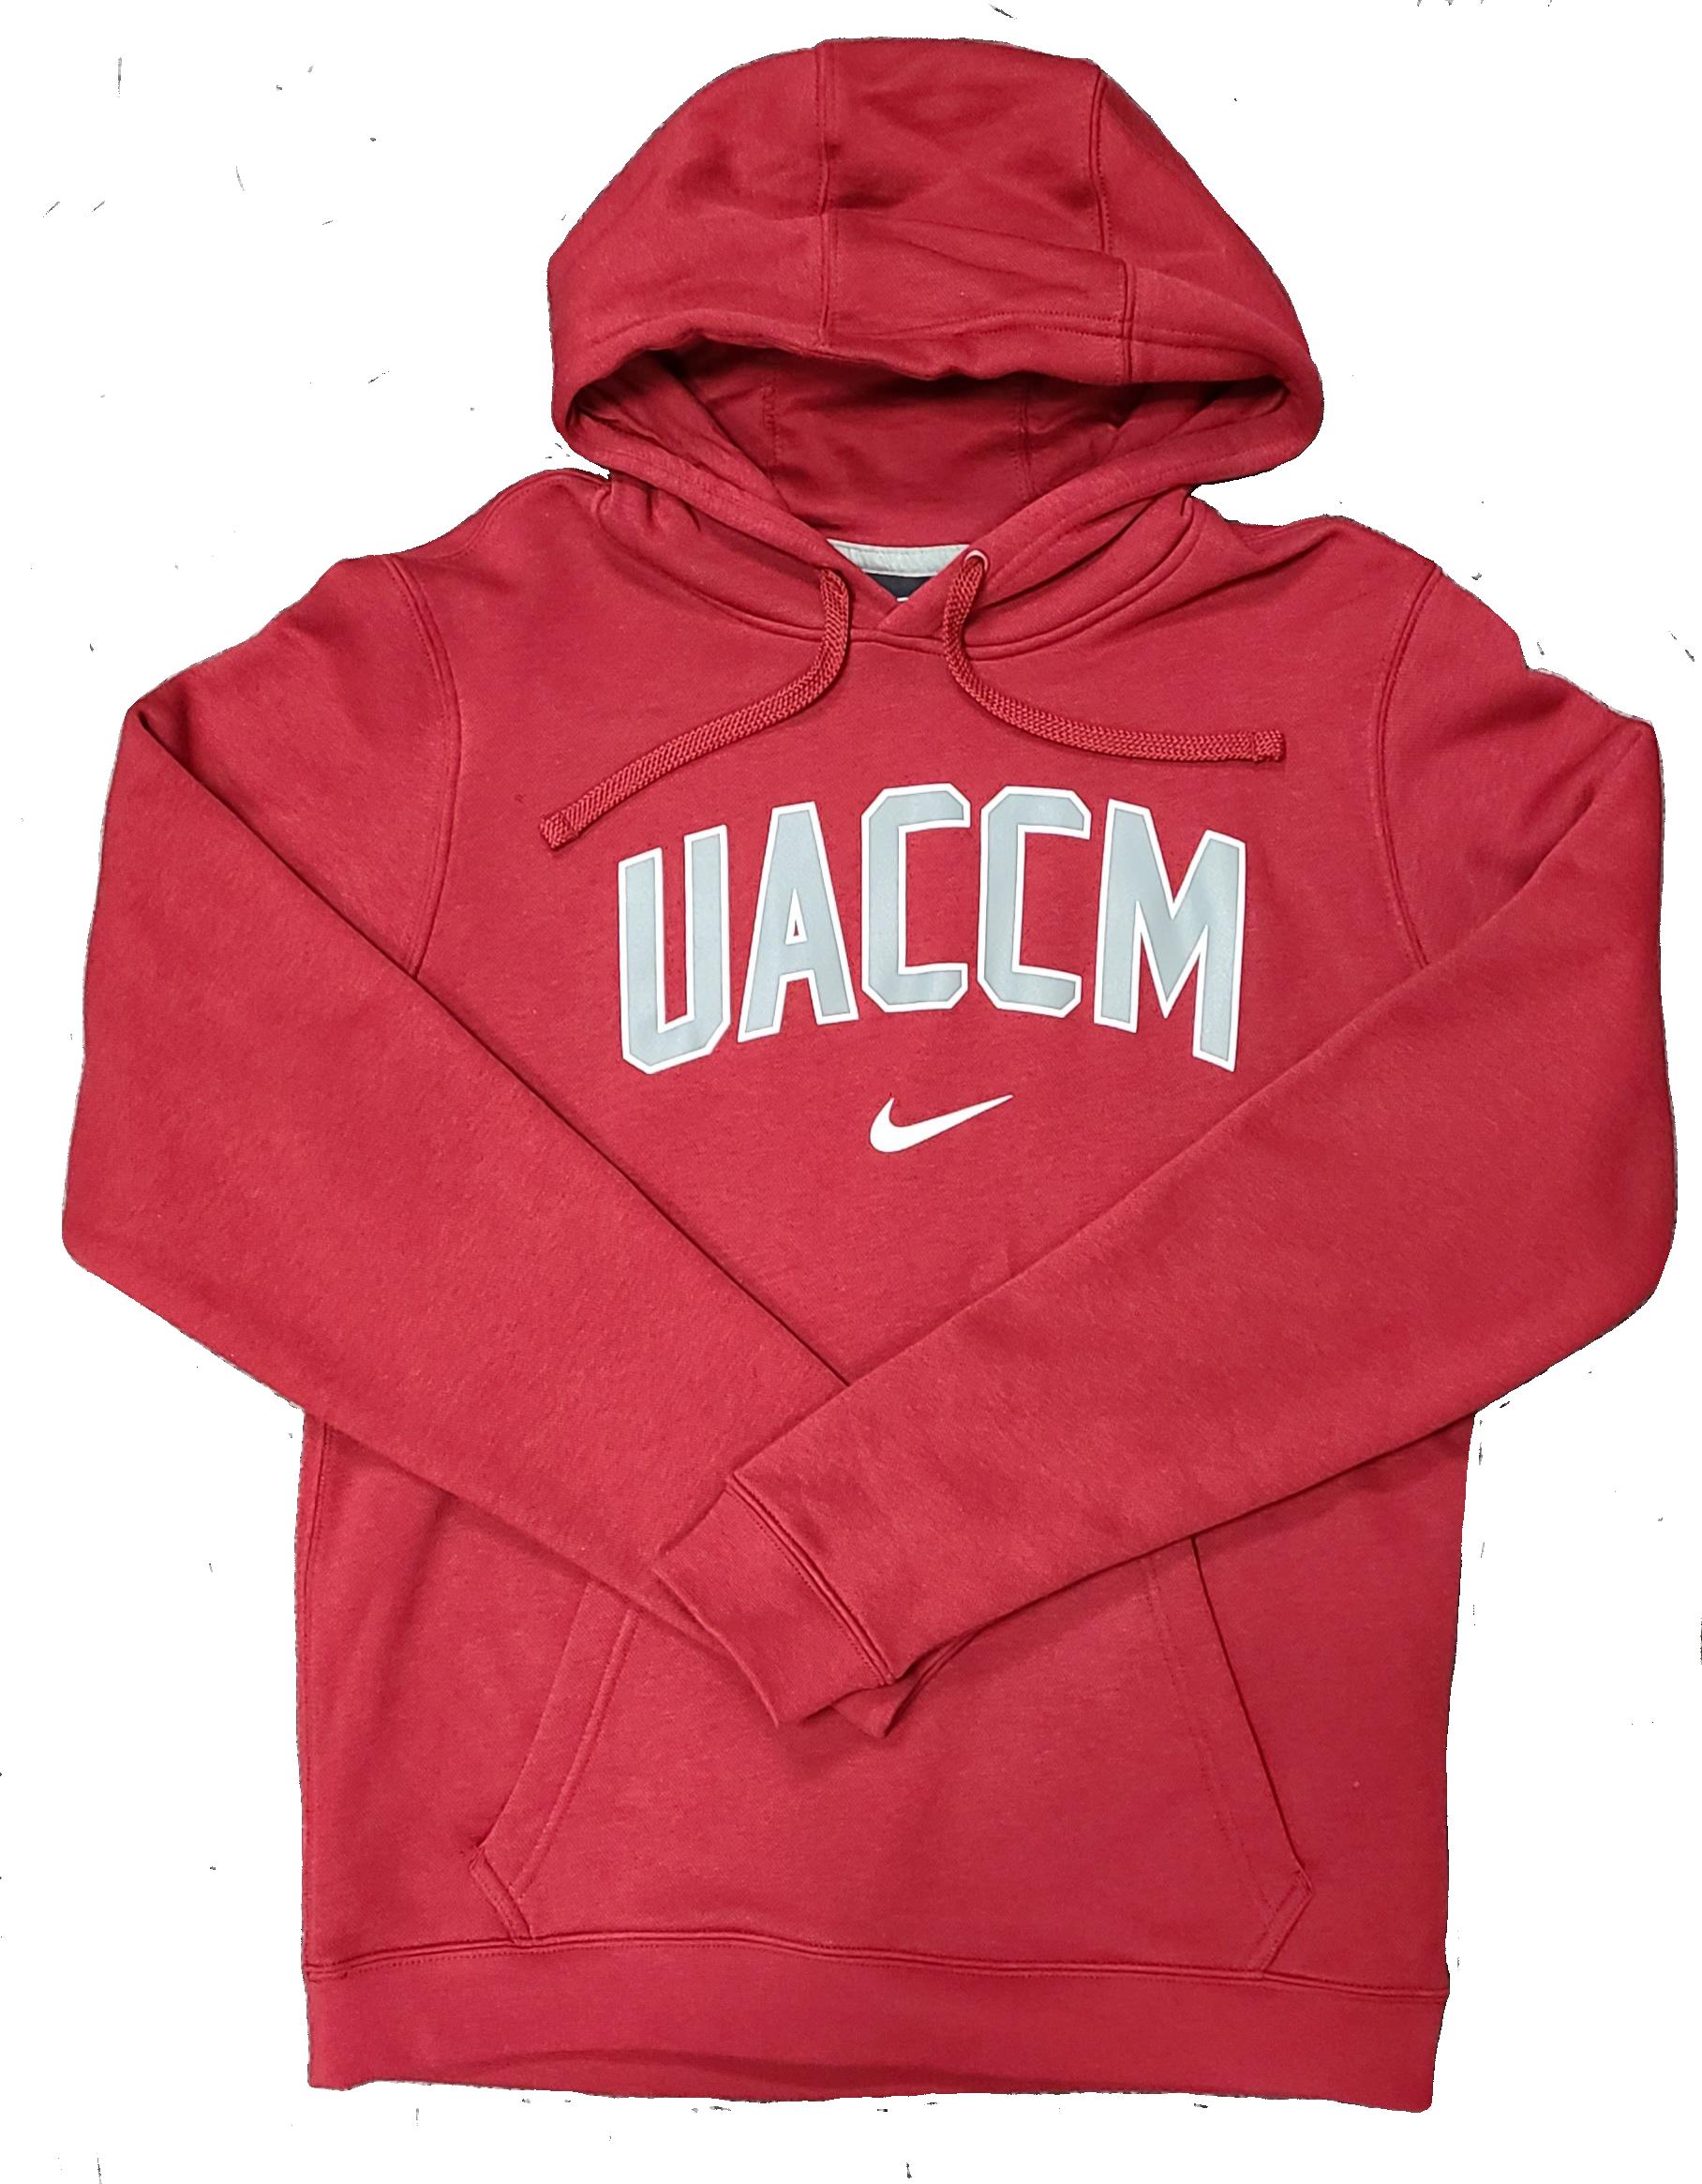 UACCM Club Fleece PO Hoody